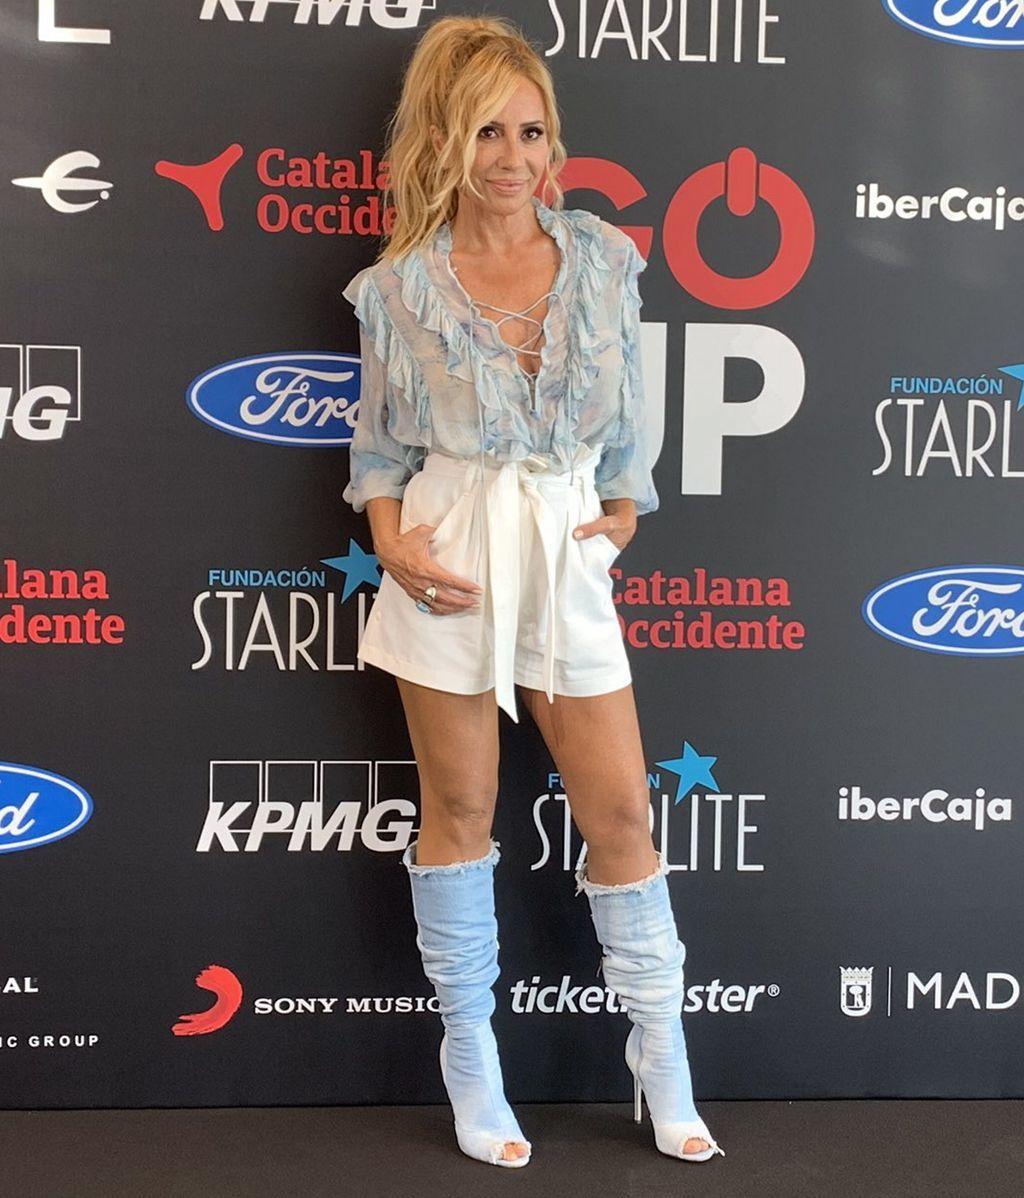 Marta Sánchez juega con los tonos celestes con su blusa de volantes y sus botas tejanas